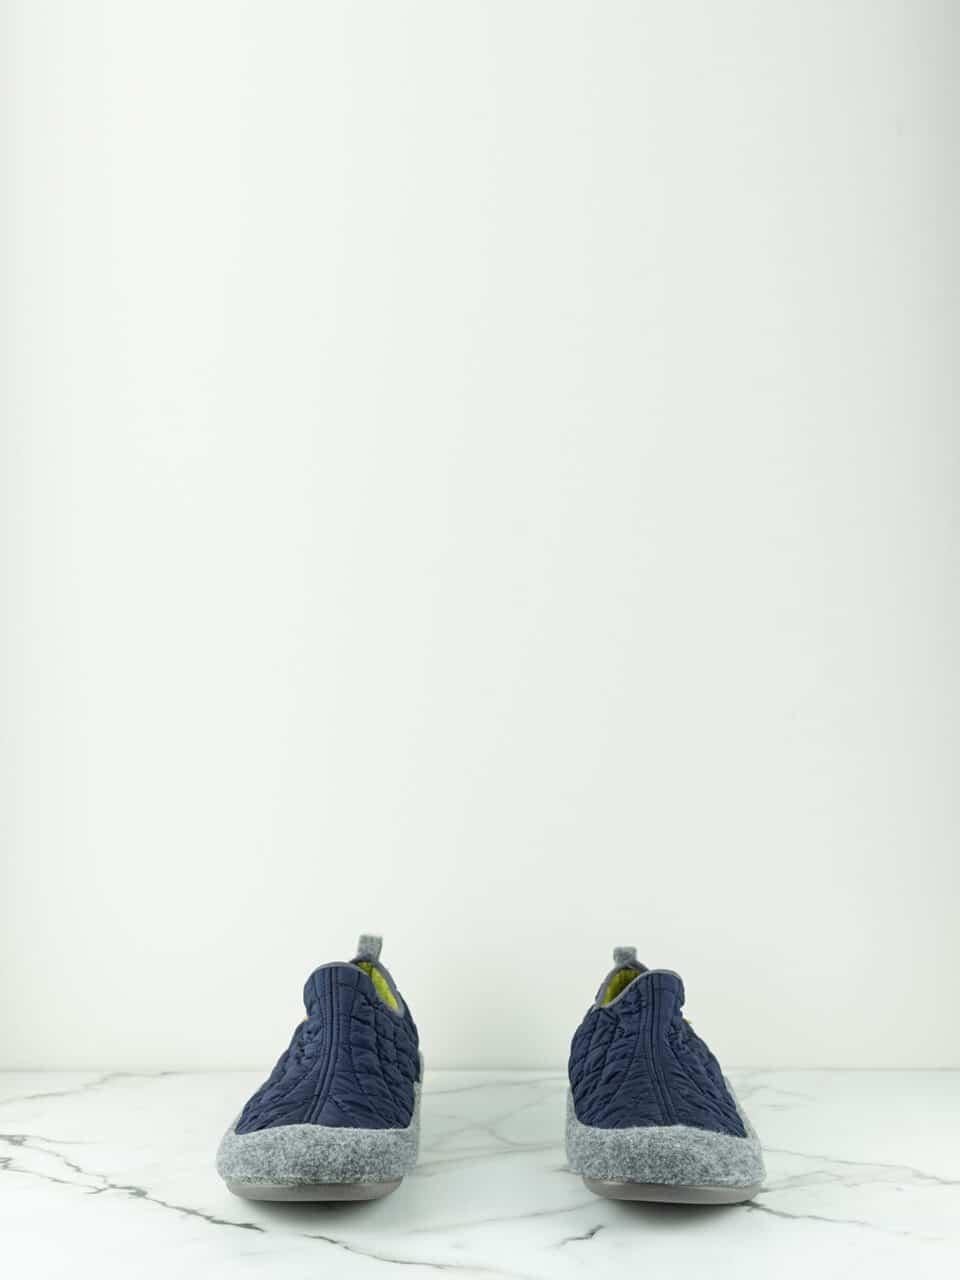 NIL-UM MARINO Marcas en Loyna Shoes